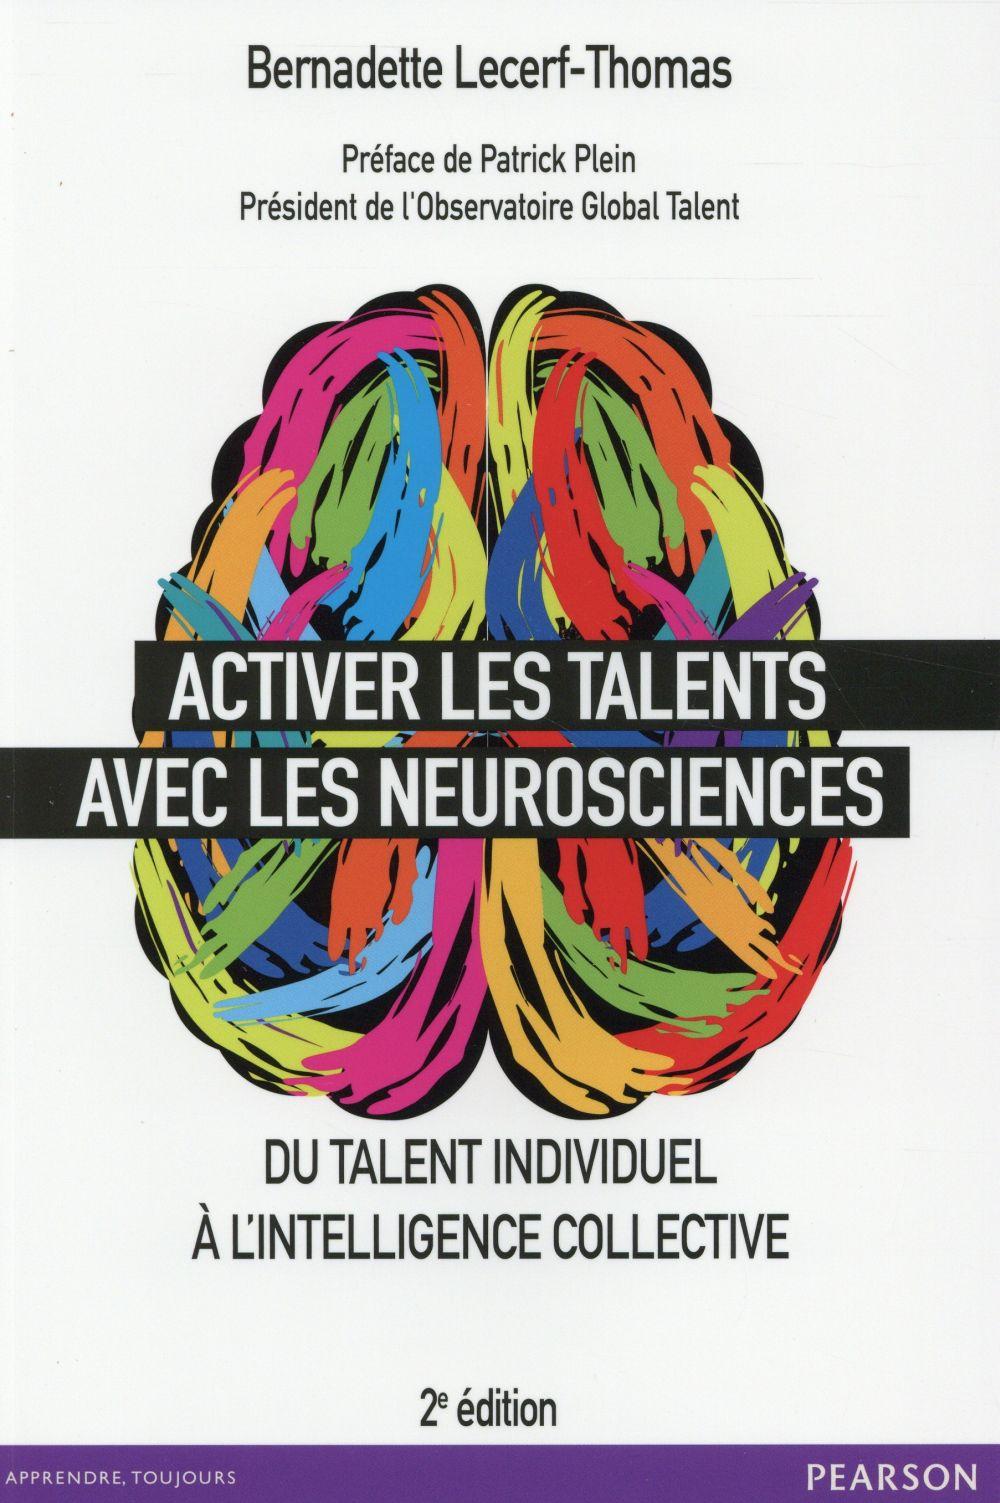 ACTIVER LES TALENTS AVEC LES NEUROSCIENCES (2E EDITION) LECERF THOMAS B. Pearson